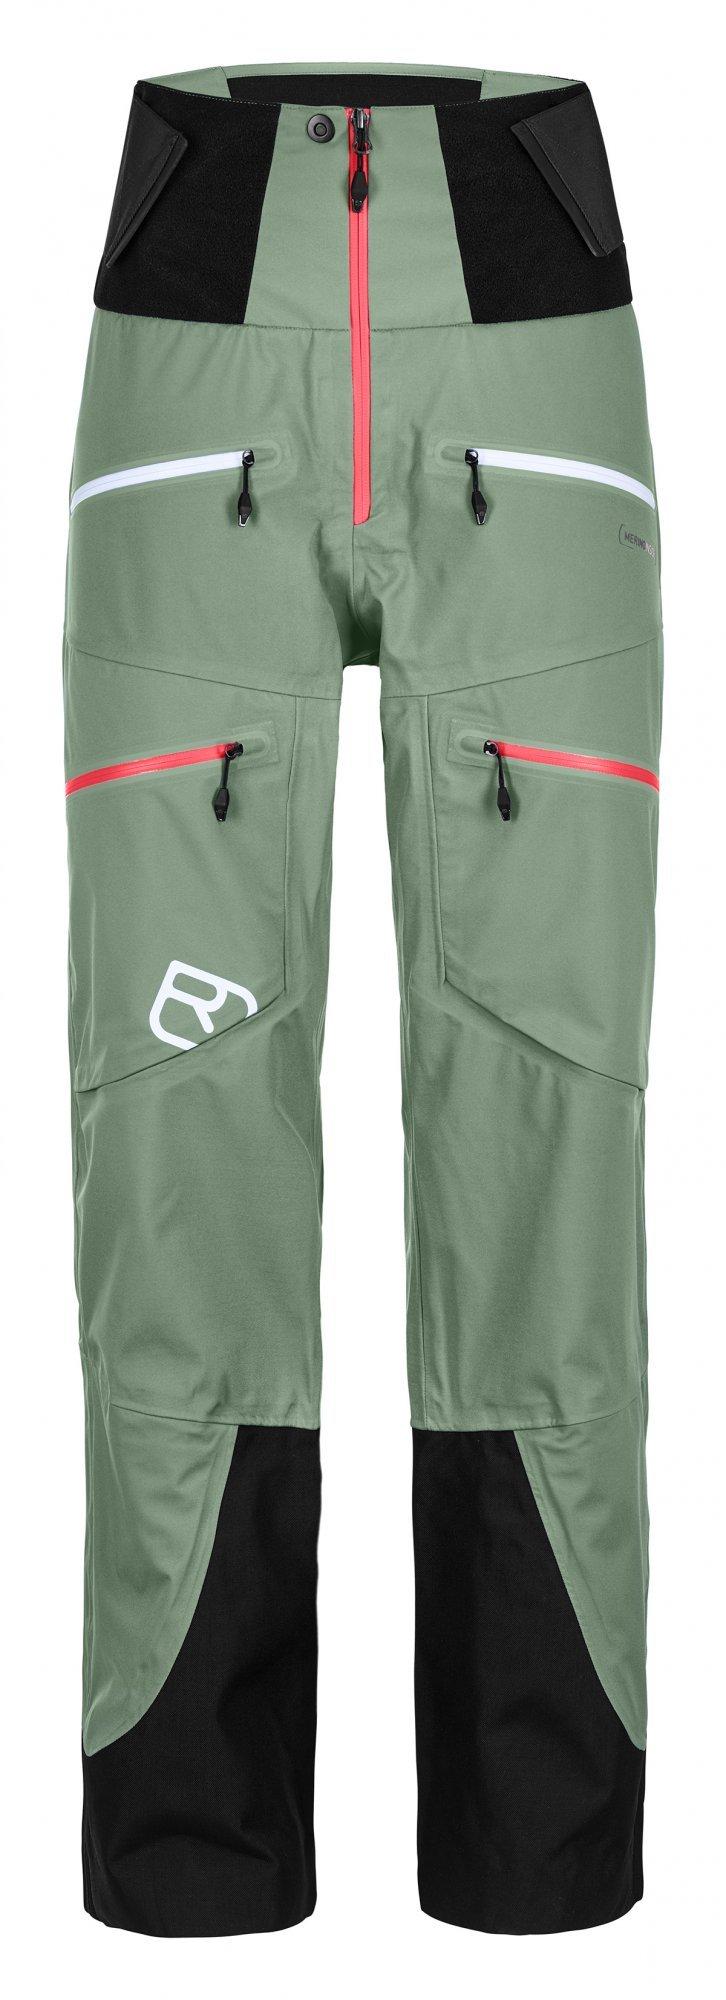 Ortovox 3L Guardian Shell pants W, green isar